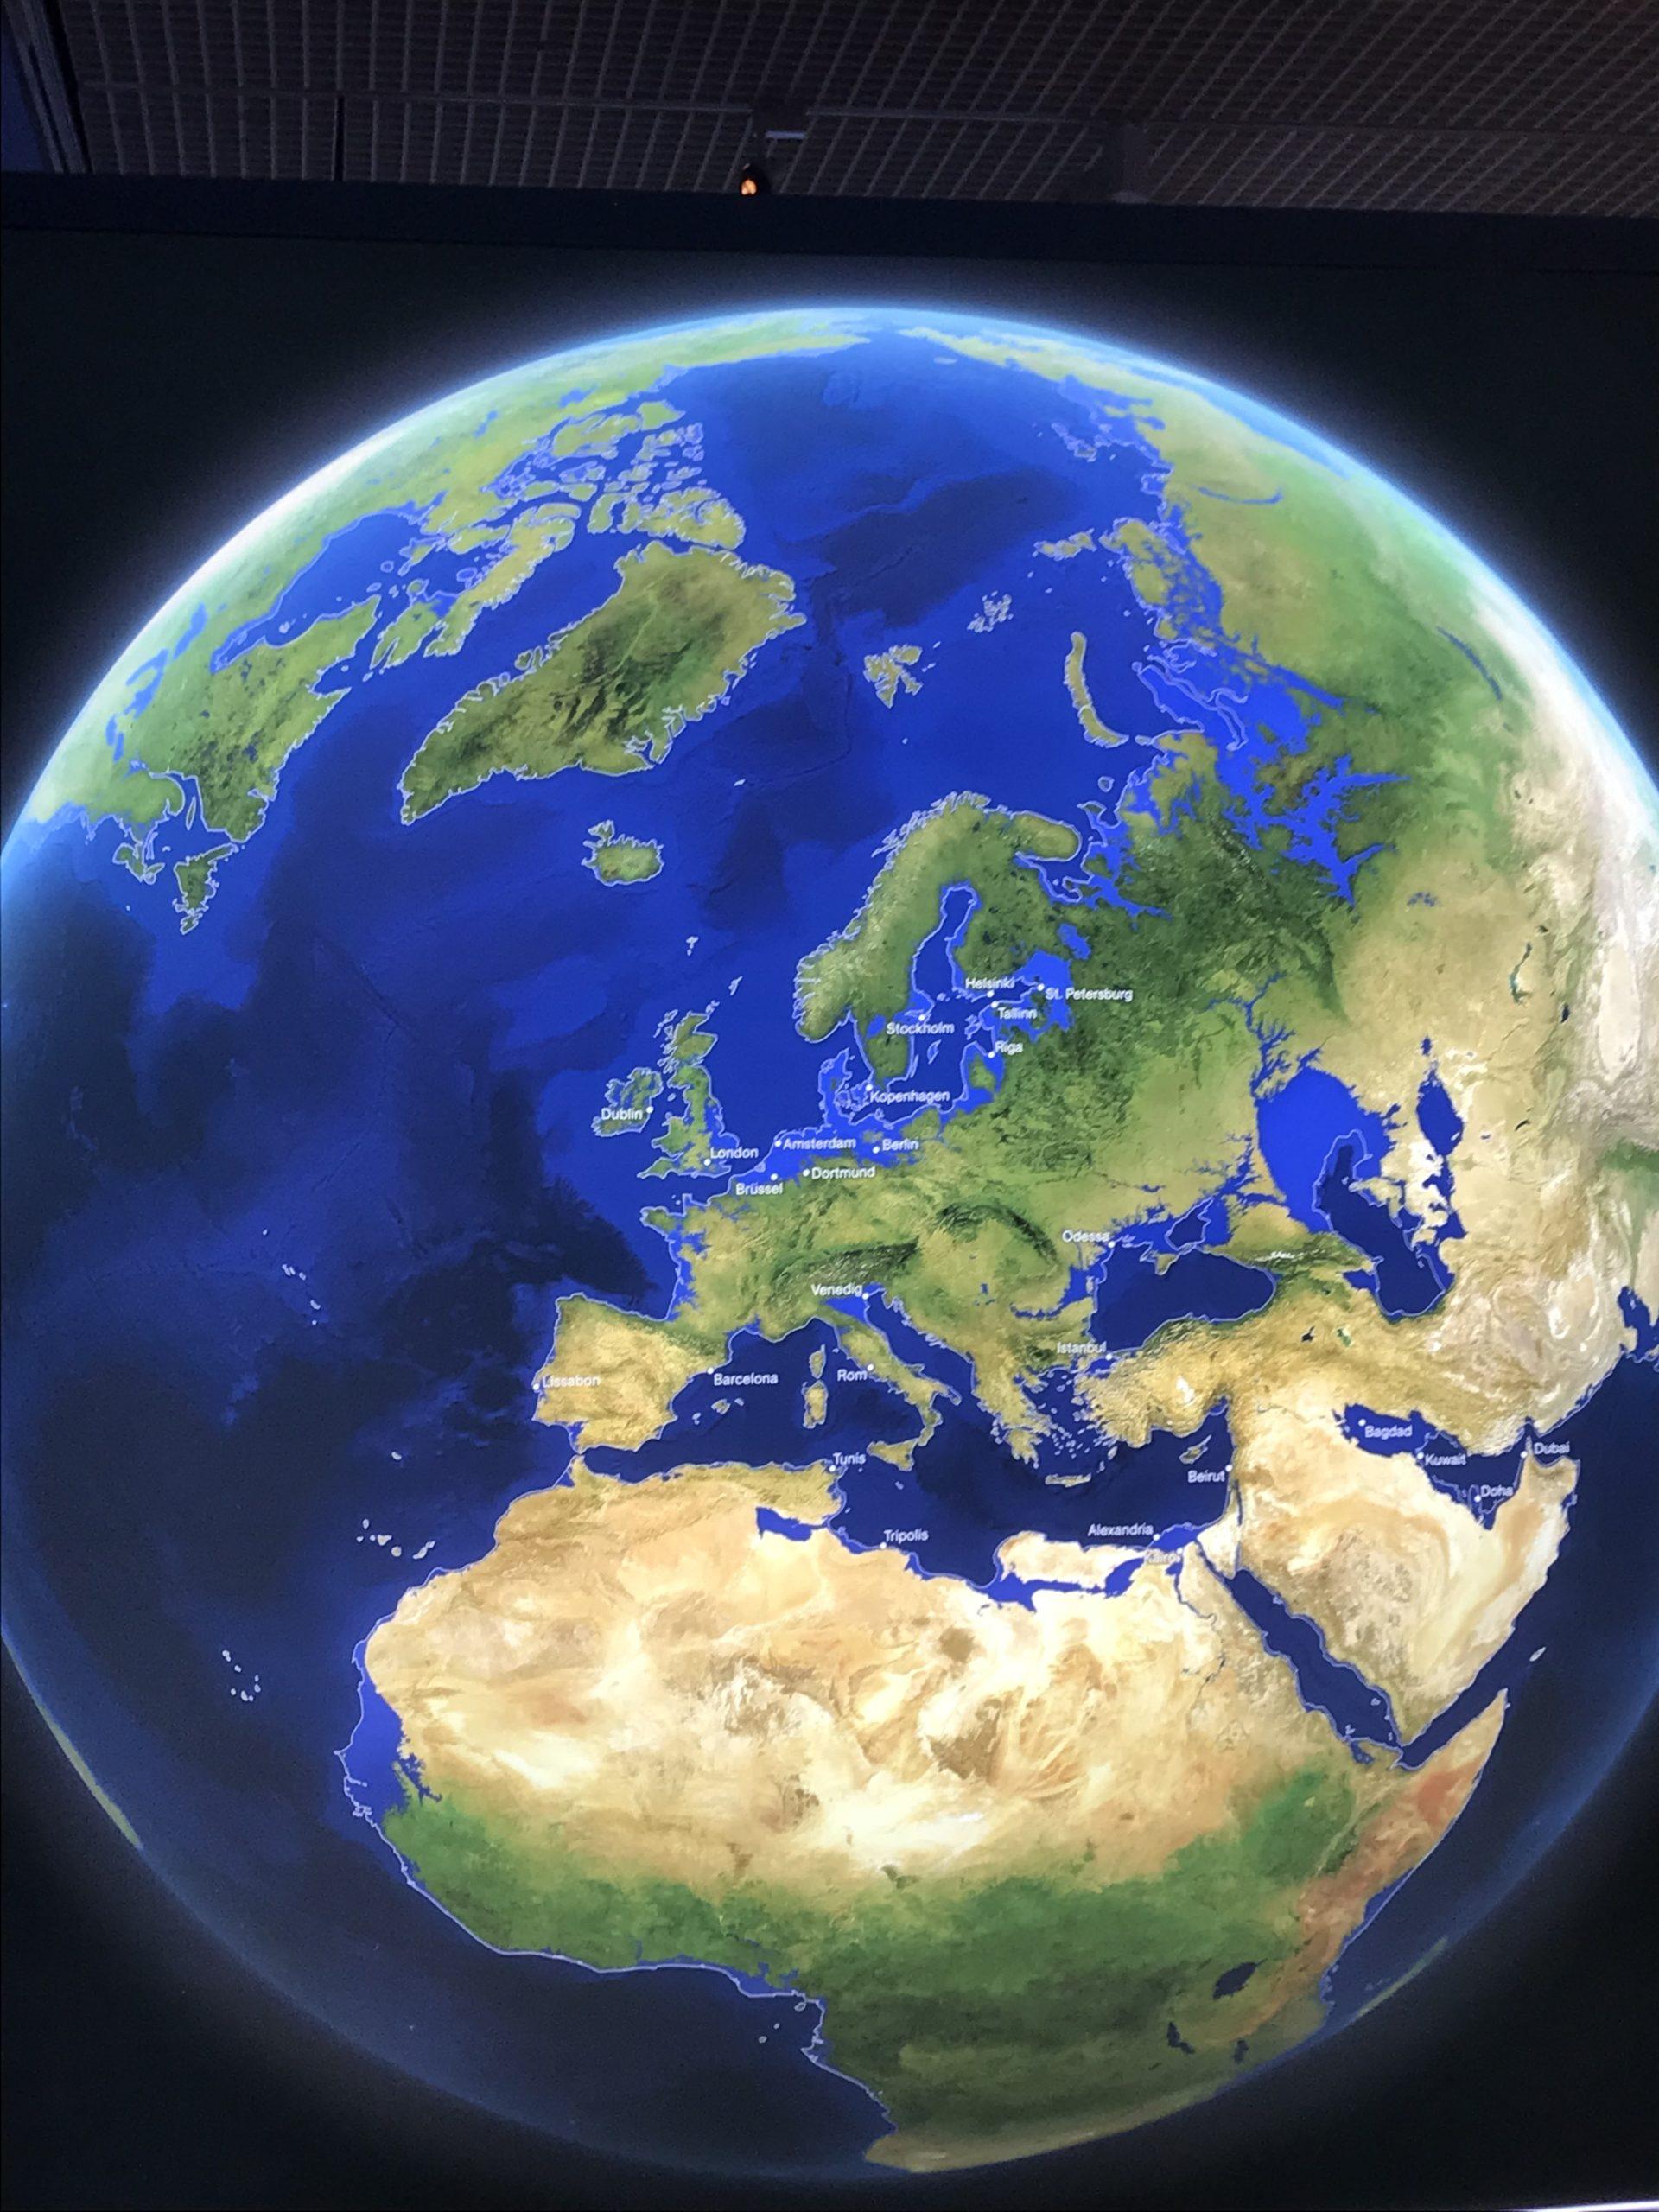 Die Welt als Projektion, wie sie aussehen würde, wenn das ganze Eis der Erde geschmolzen ist